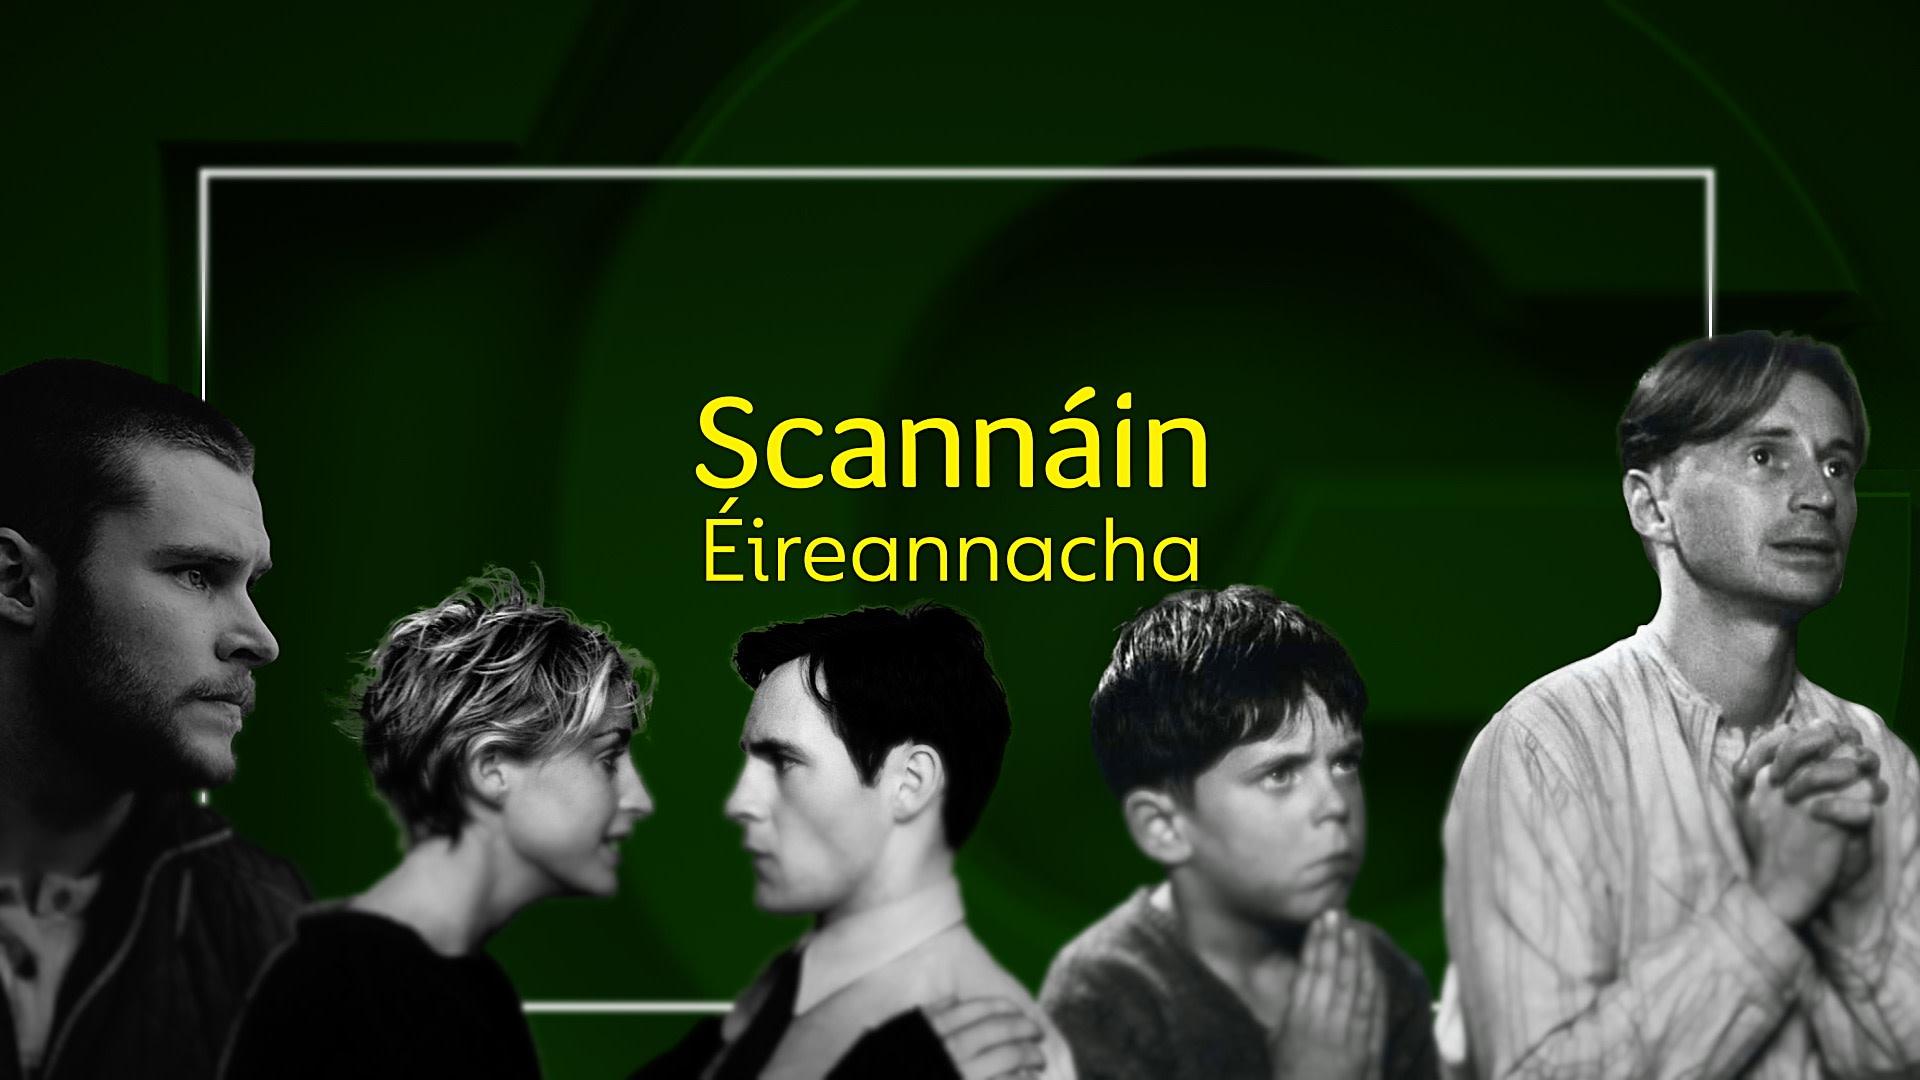 Scannáin Éireannacha